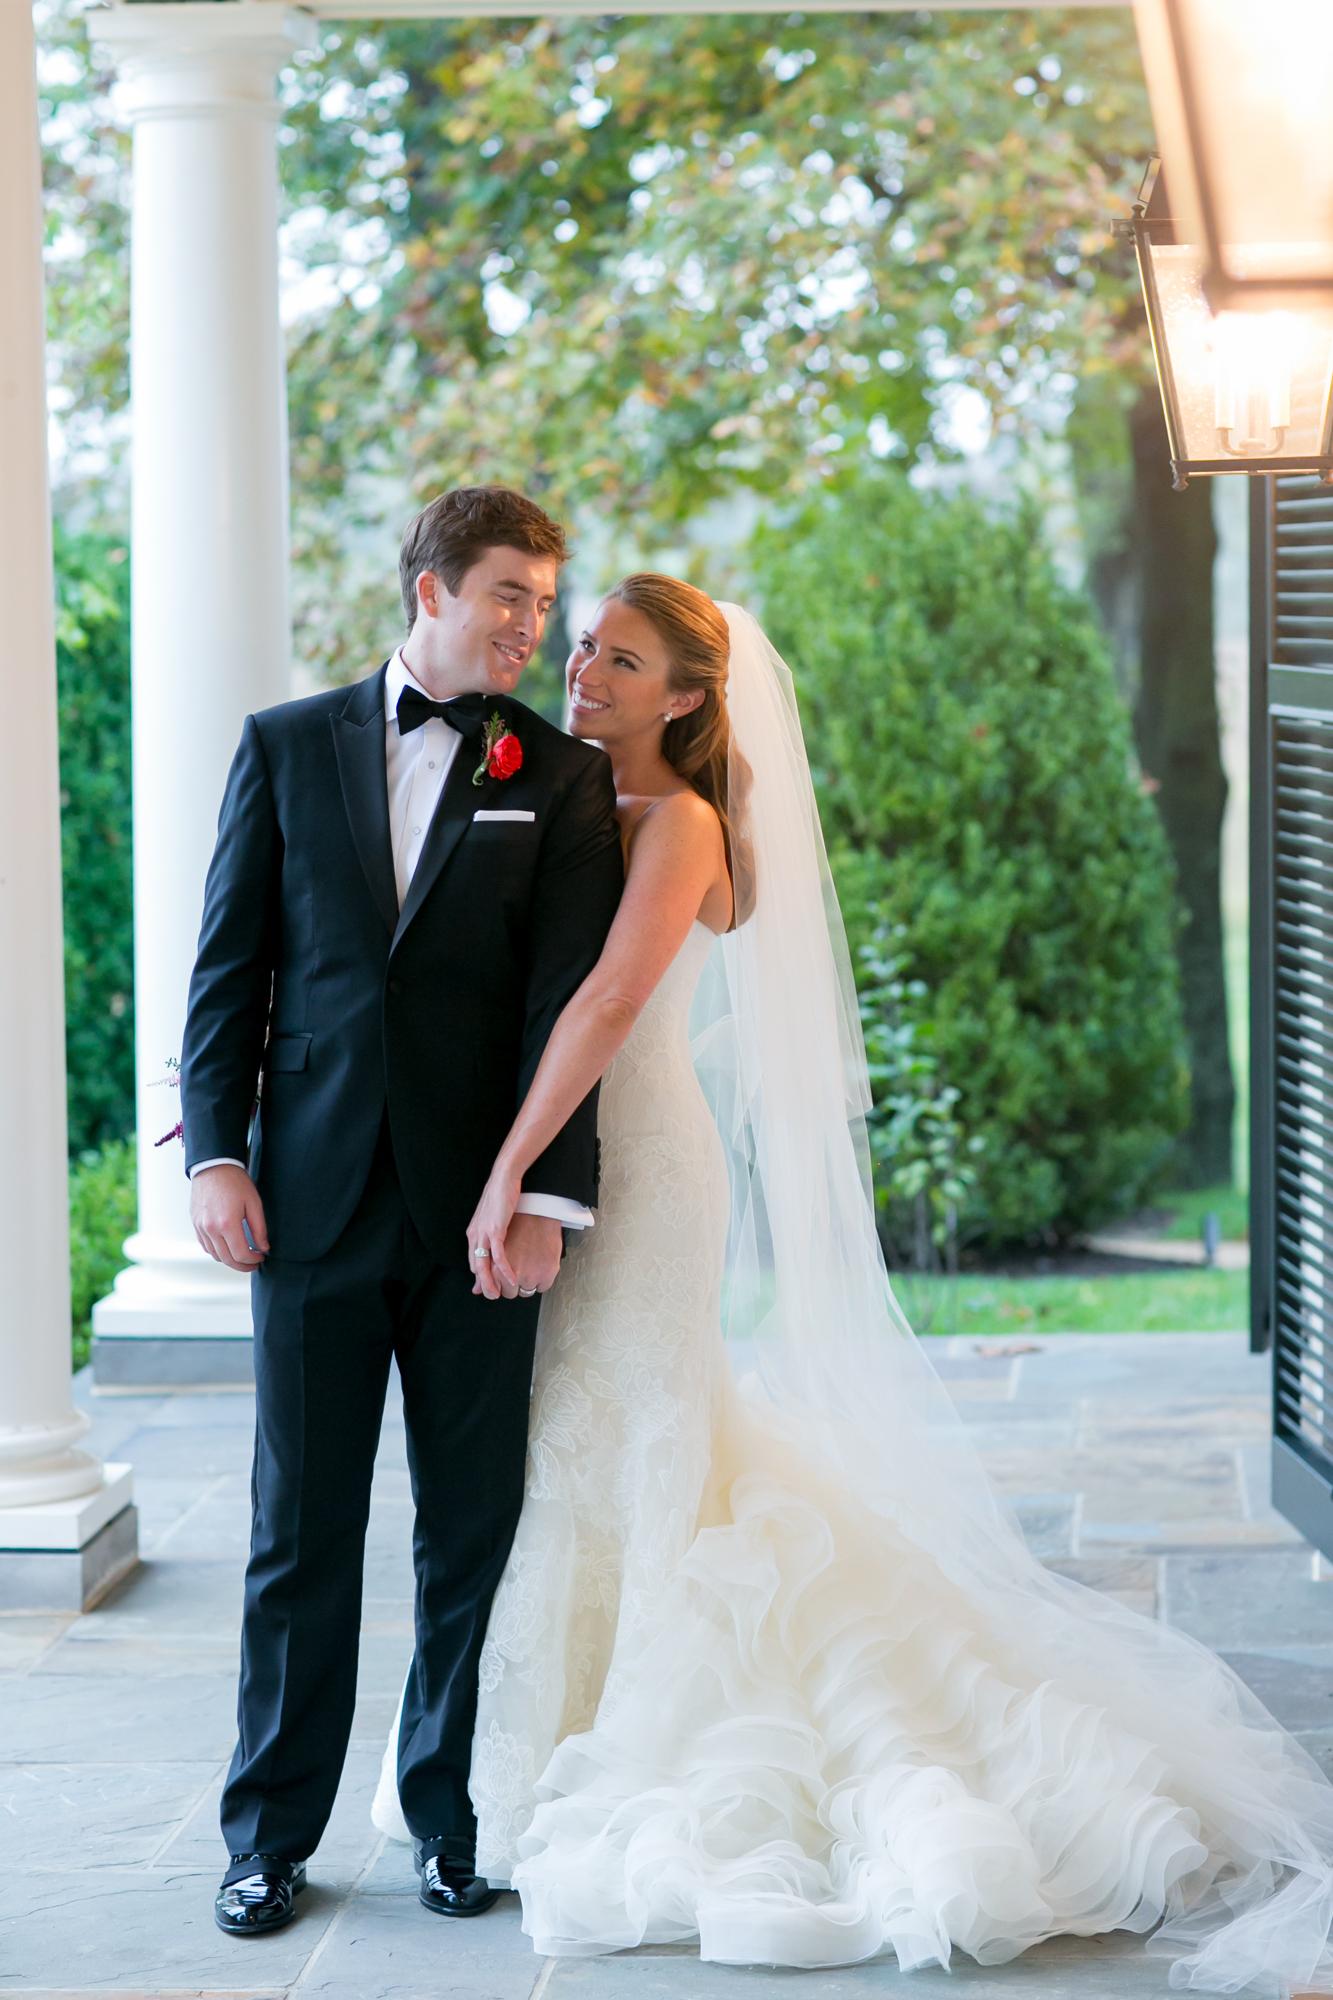 20131012_2013.10.12_LedsingerOtis_Wedding_website_UD9A4894 copy.jpg